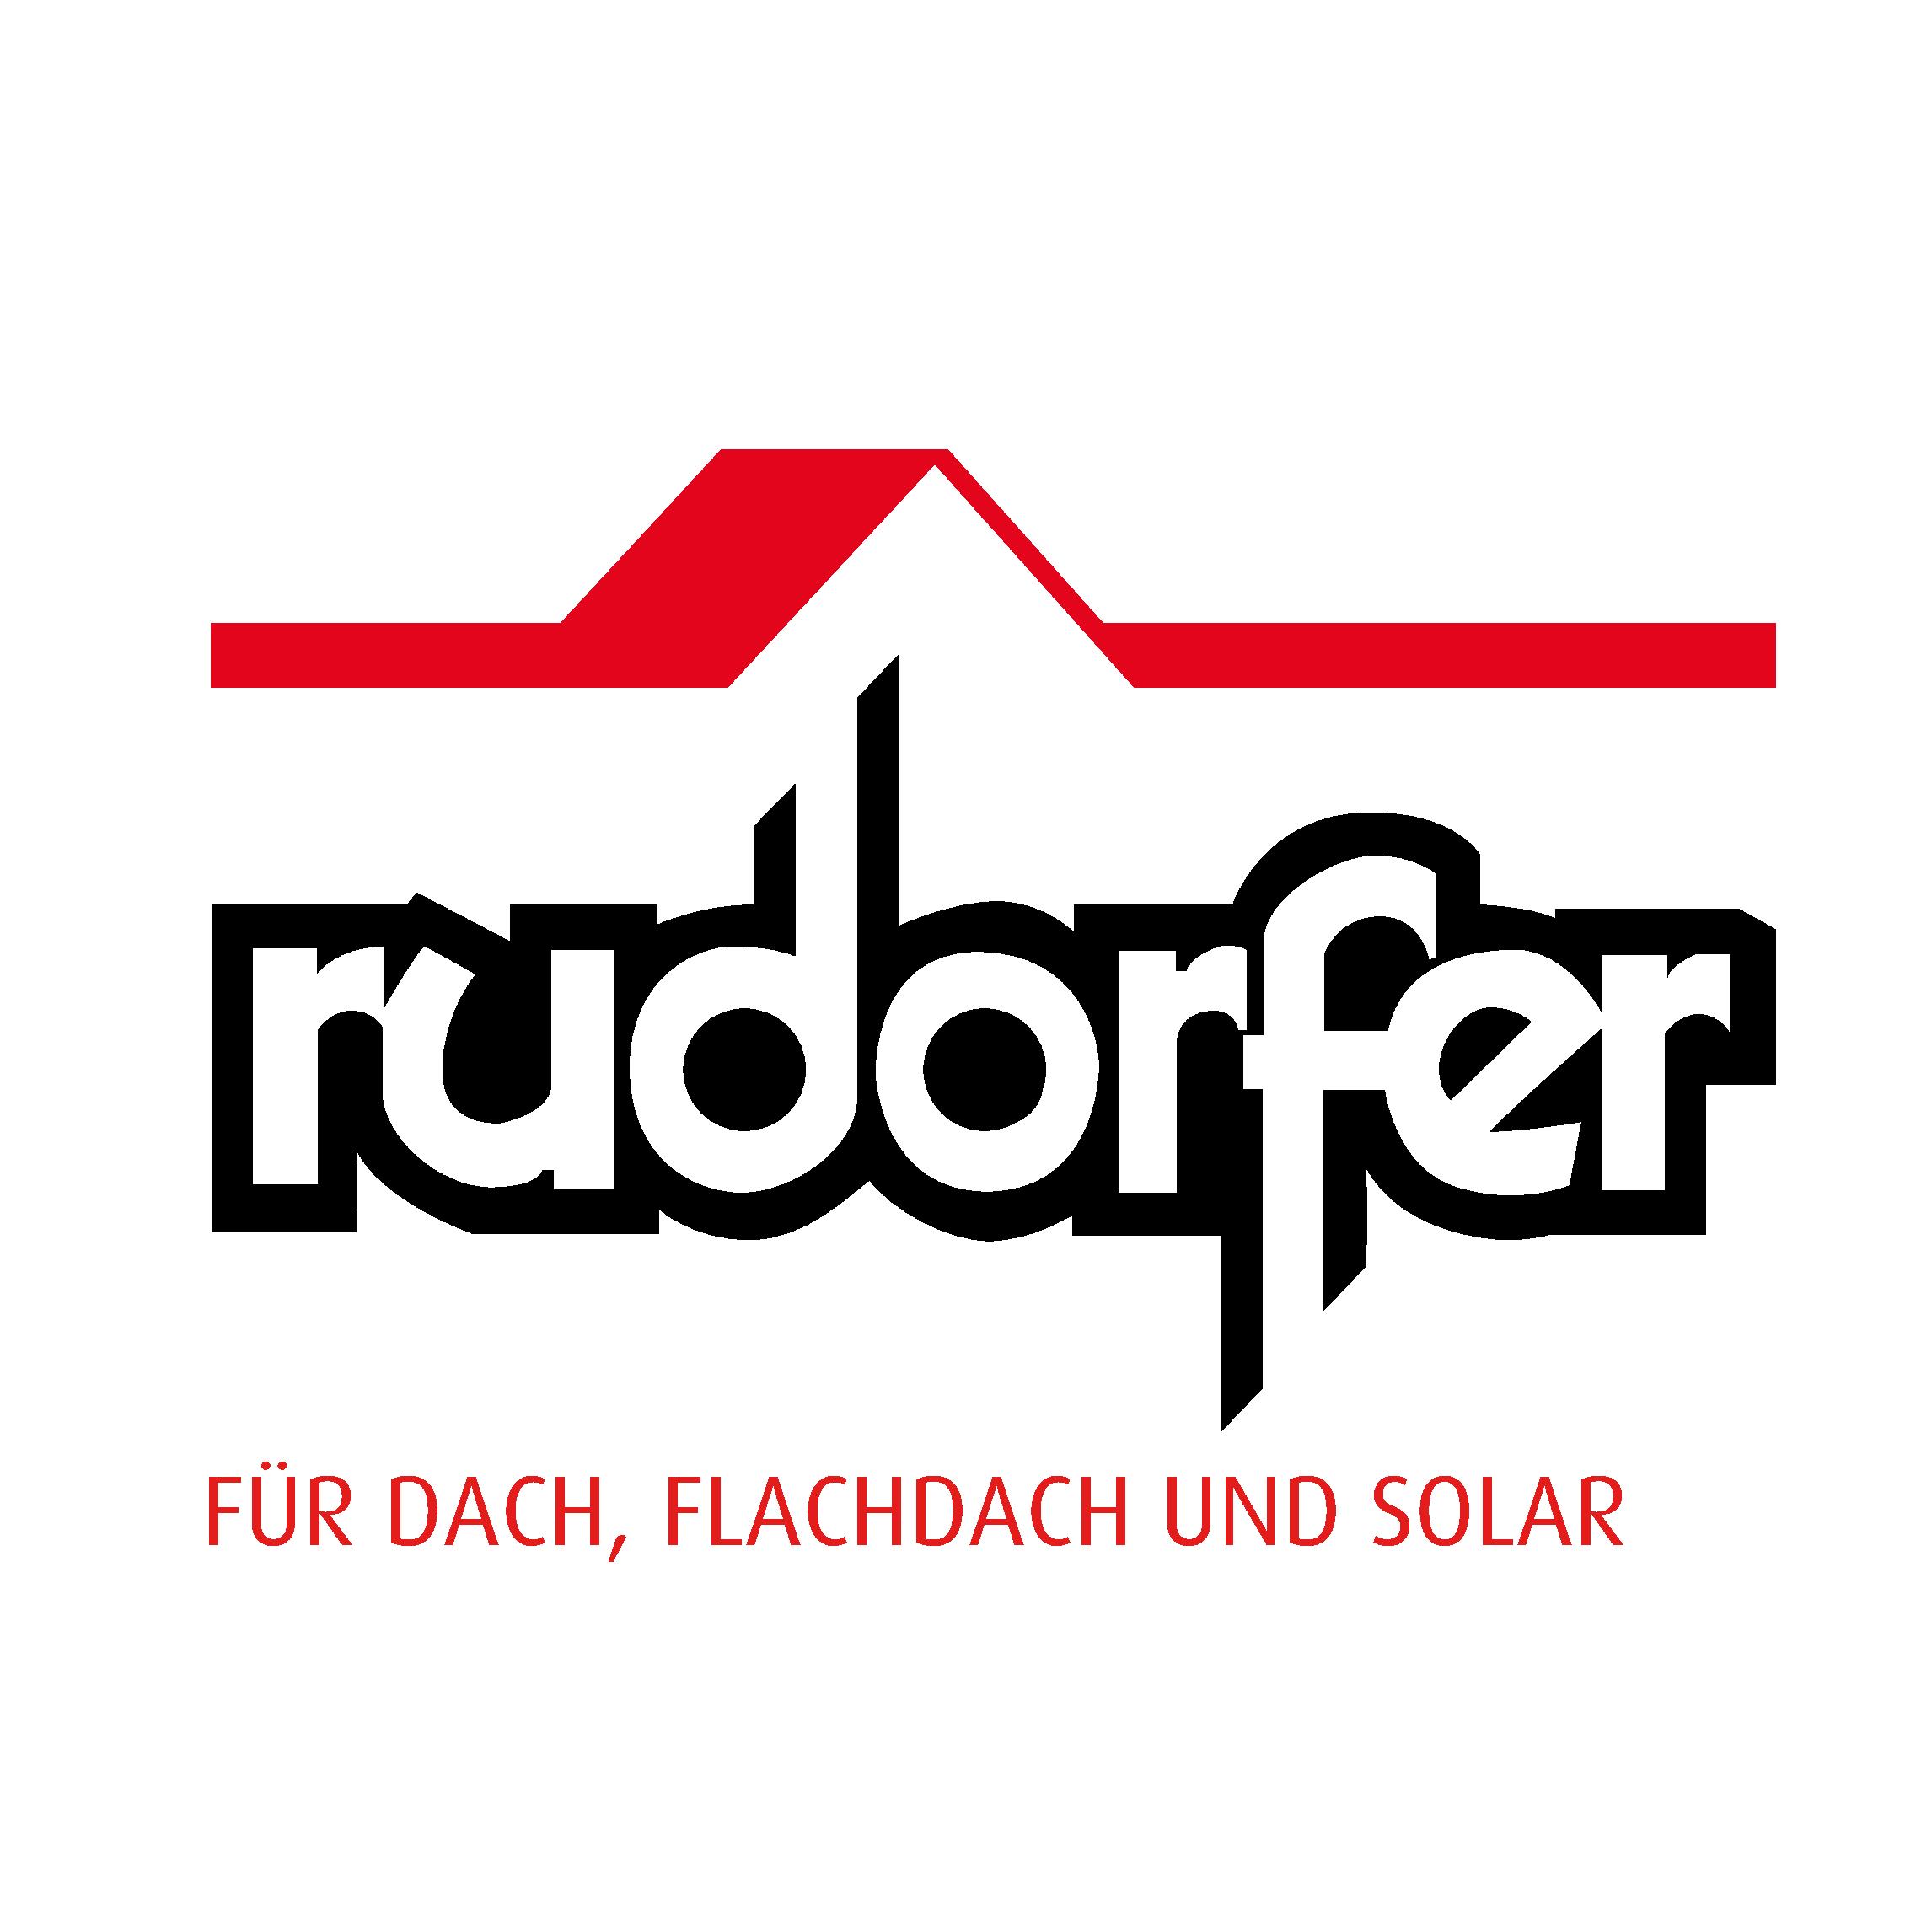 M. Rudorfer GmbH